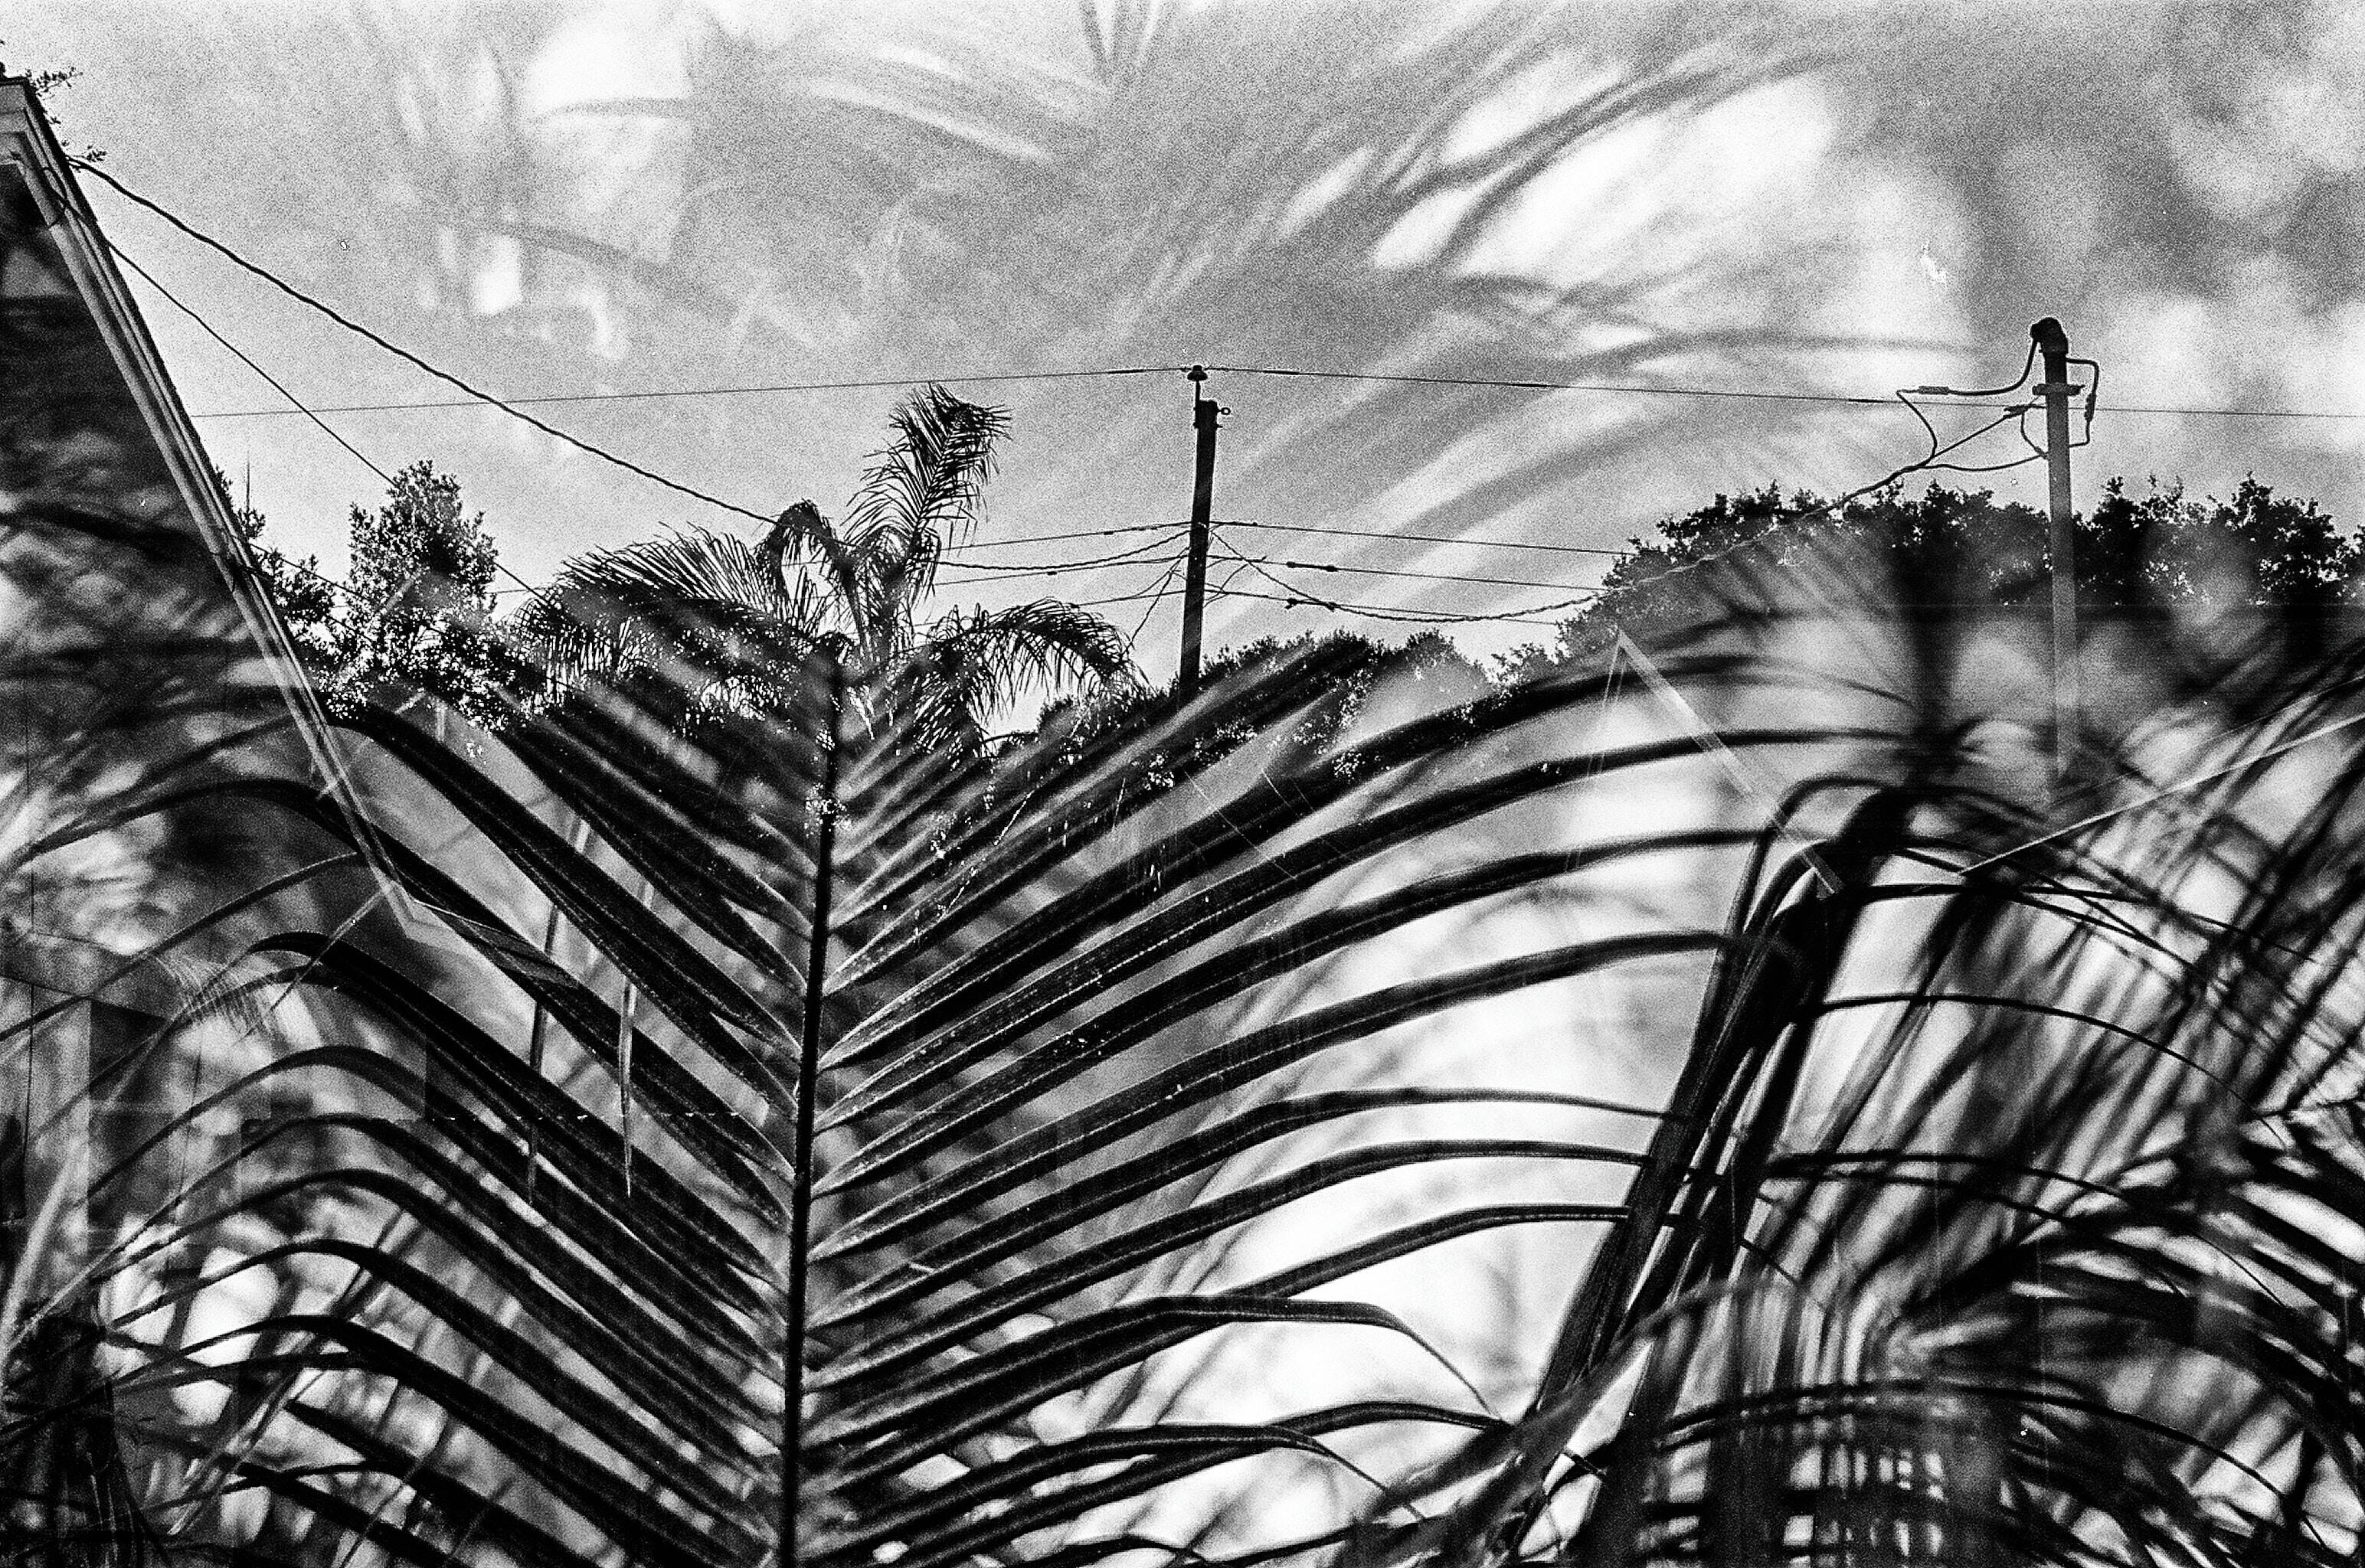 greyscale photo of plants